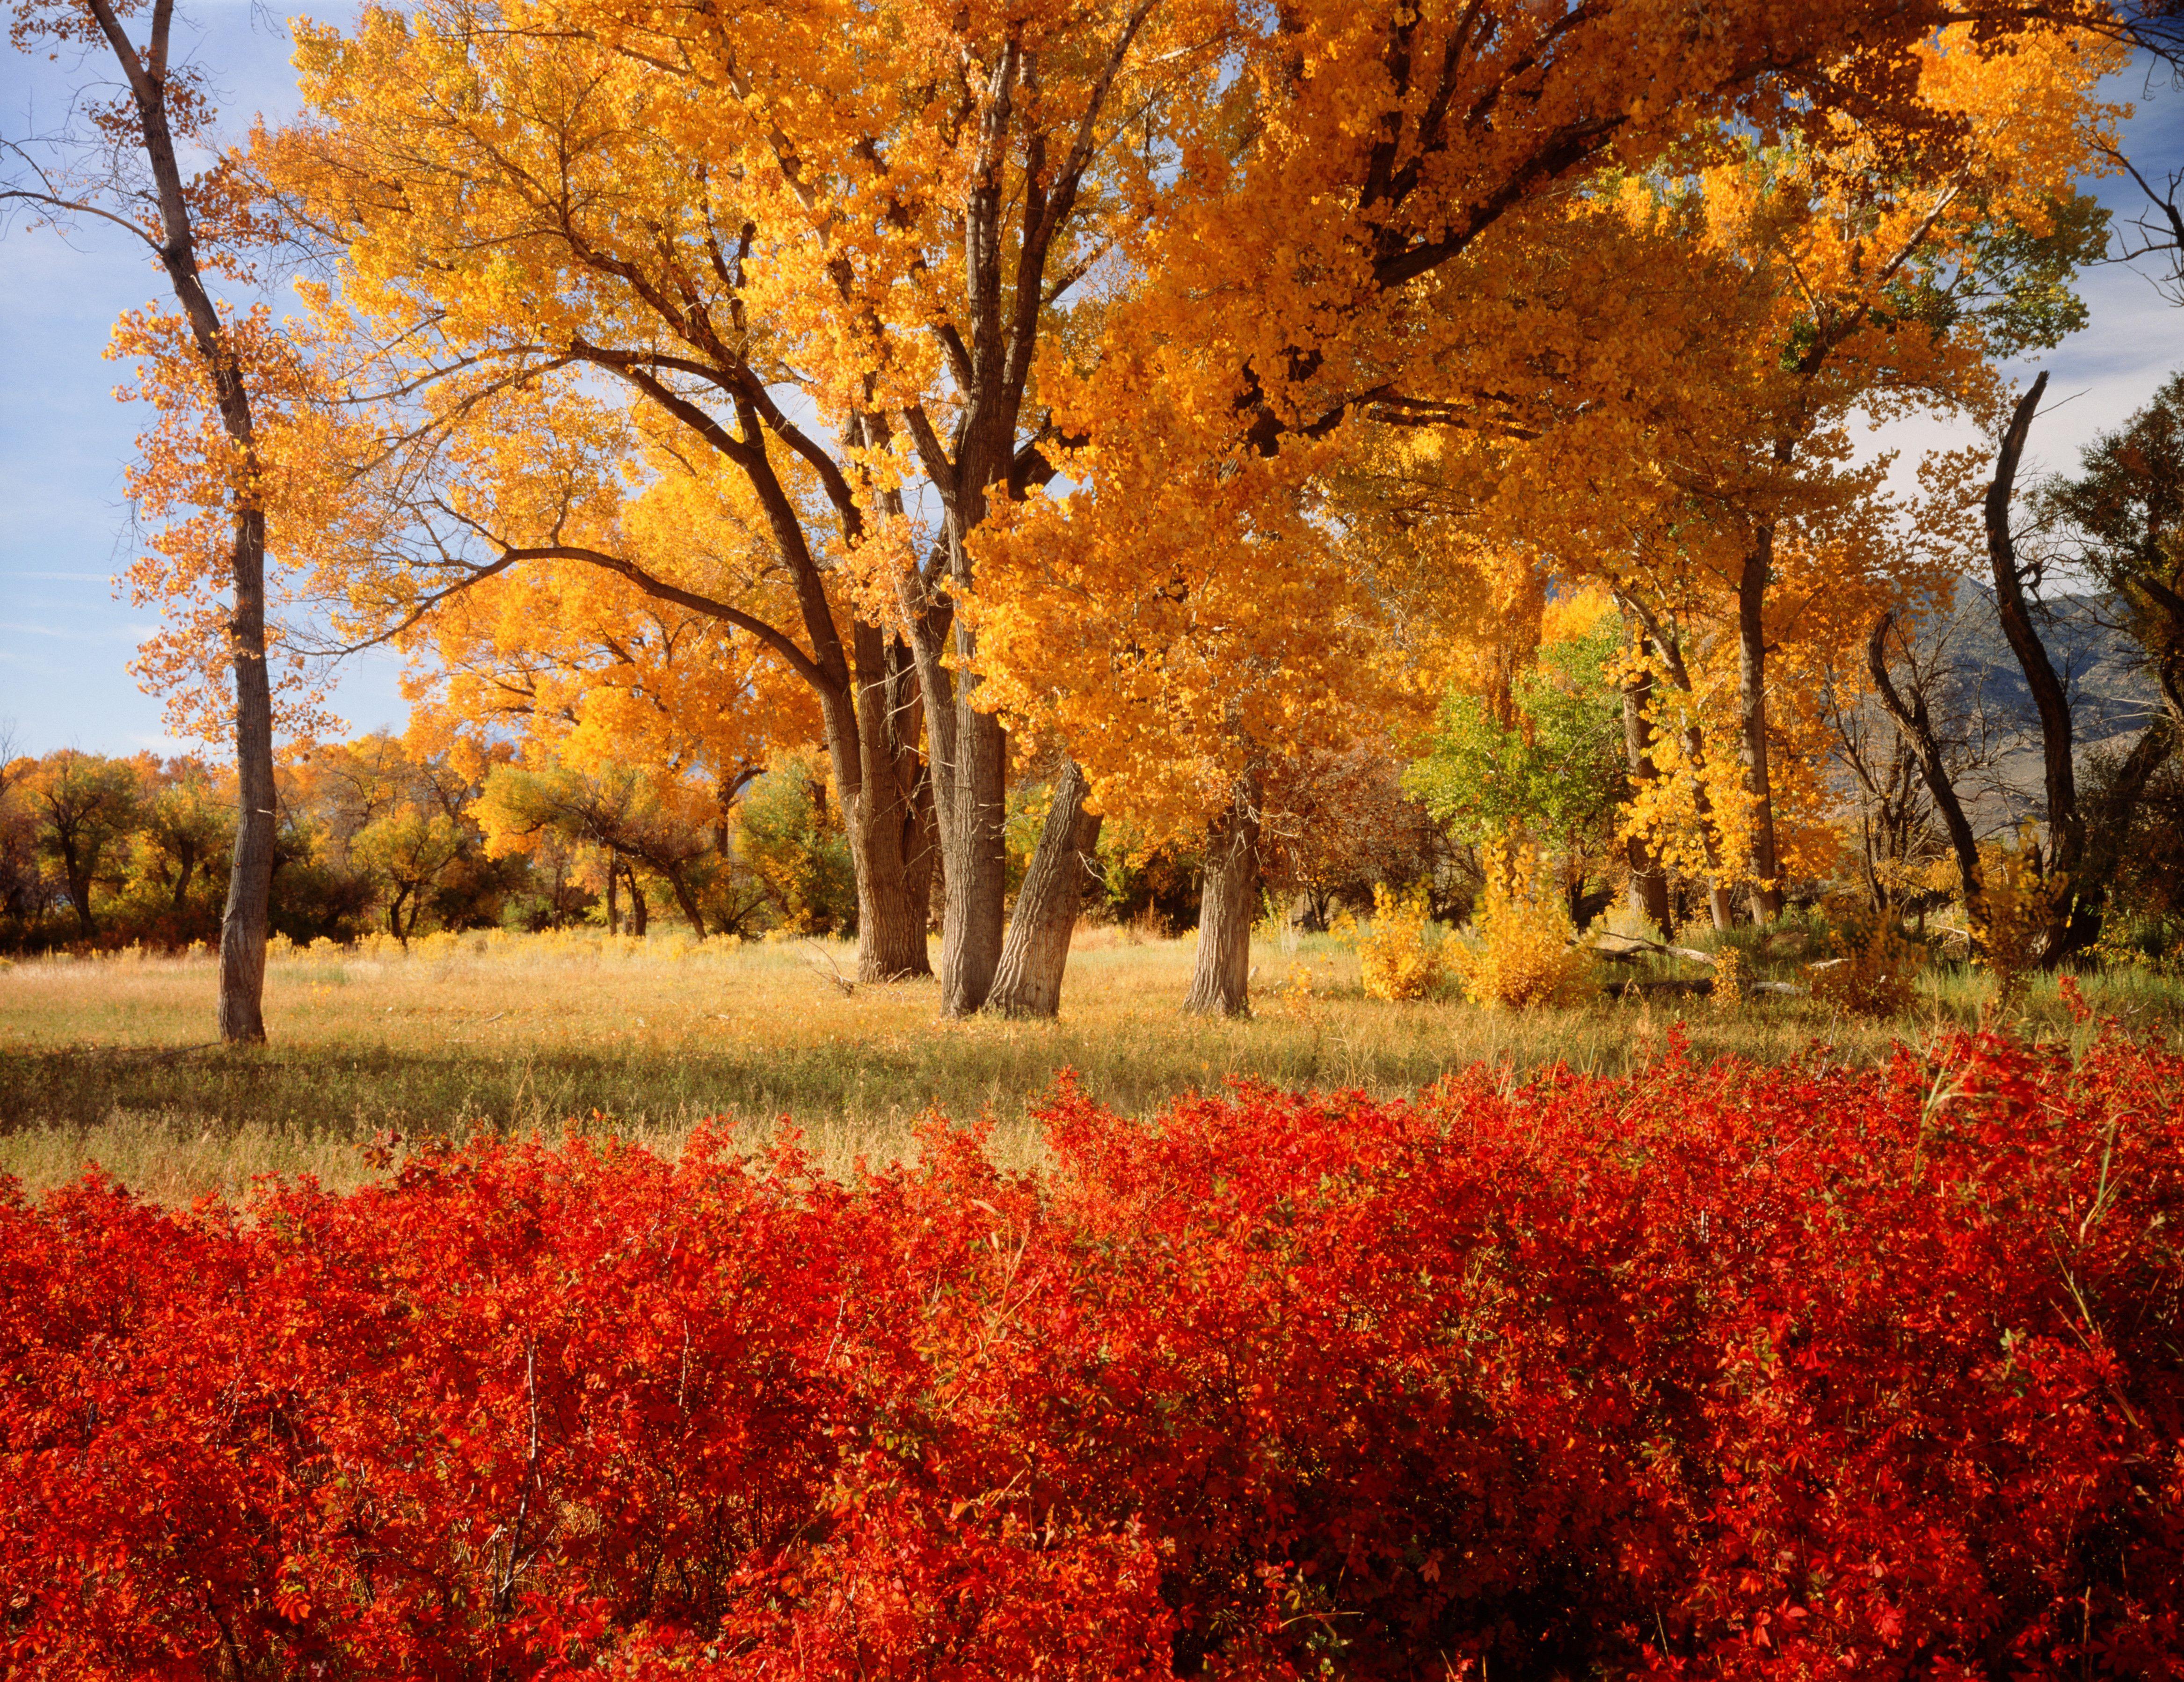 Fall Foliage Fremont, California